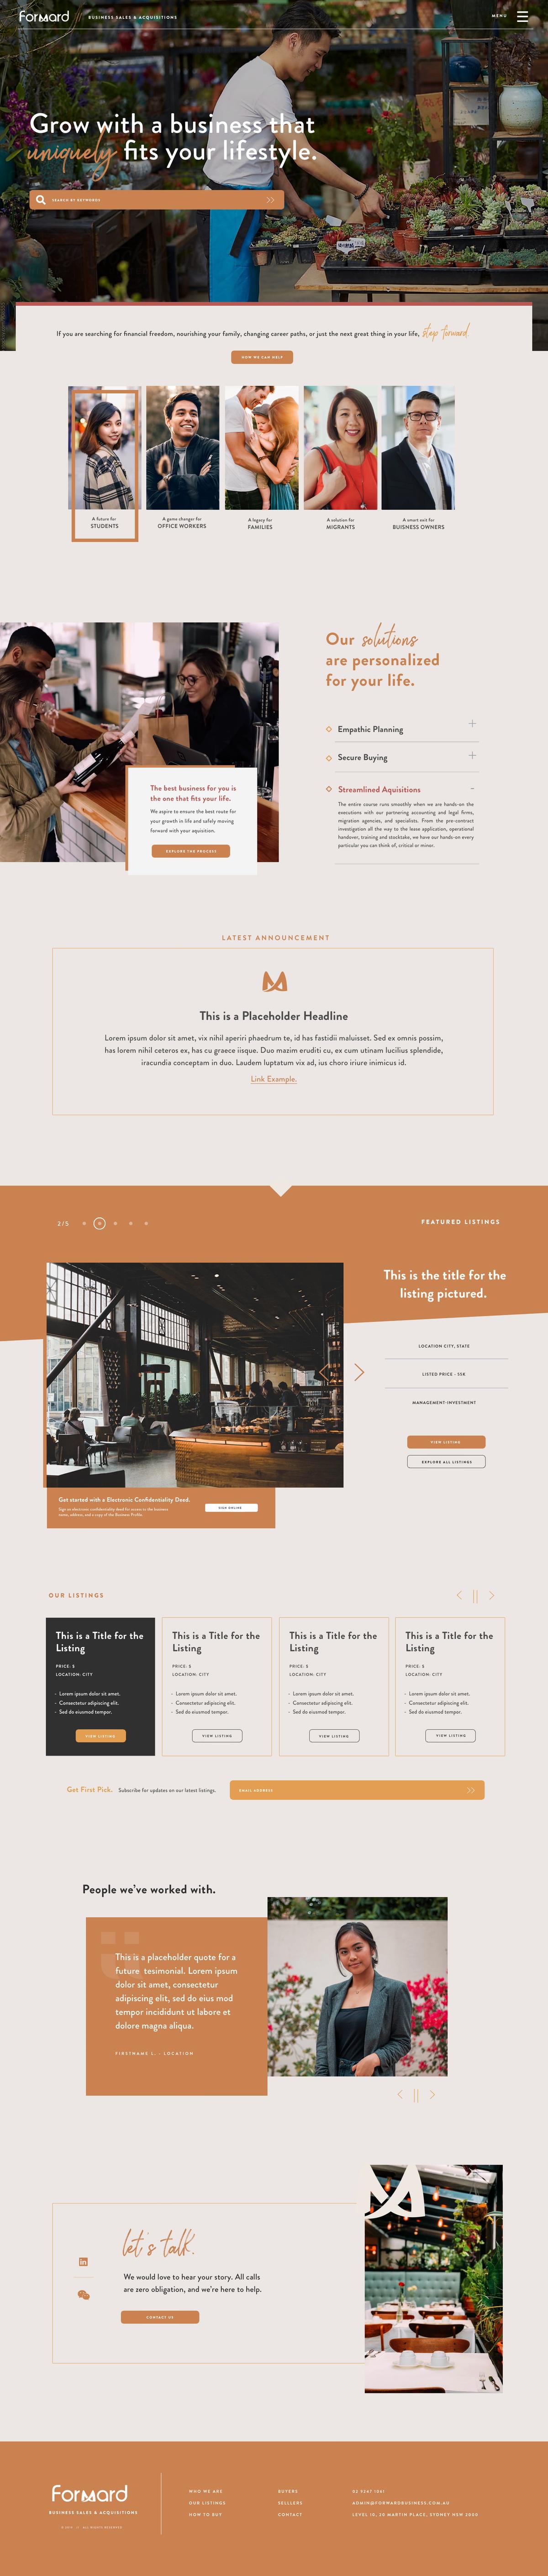 Redesige homepage